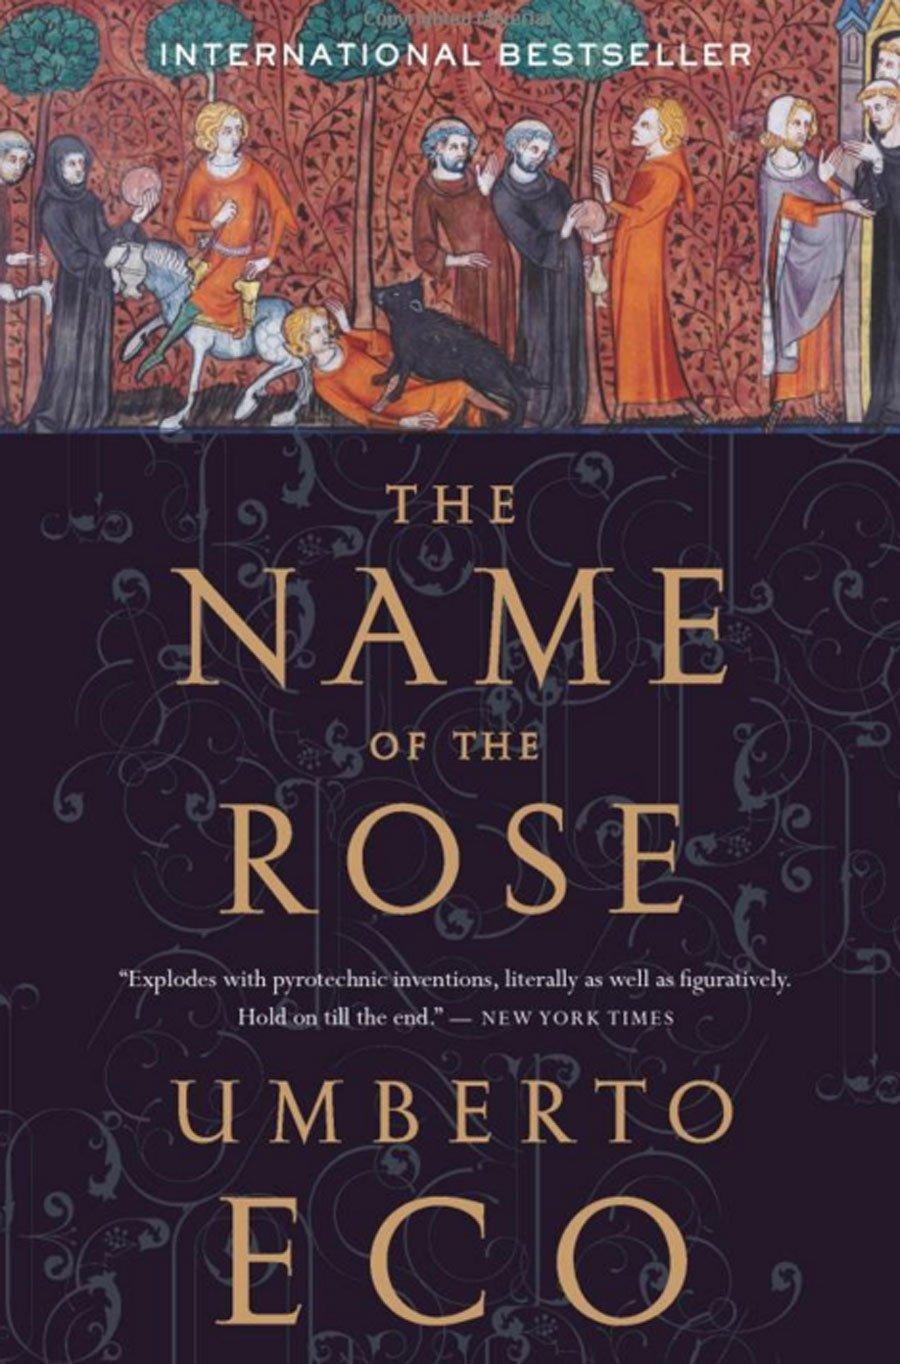 Первый роман Умберто Эко быстро стал международной сенсацией. Во всём мире продали 50 миллионов экзе